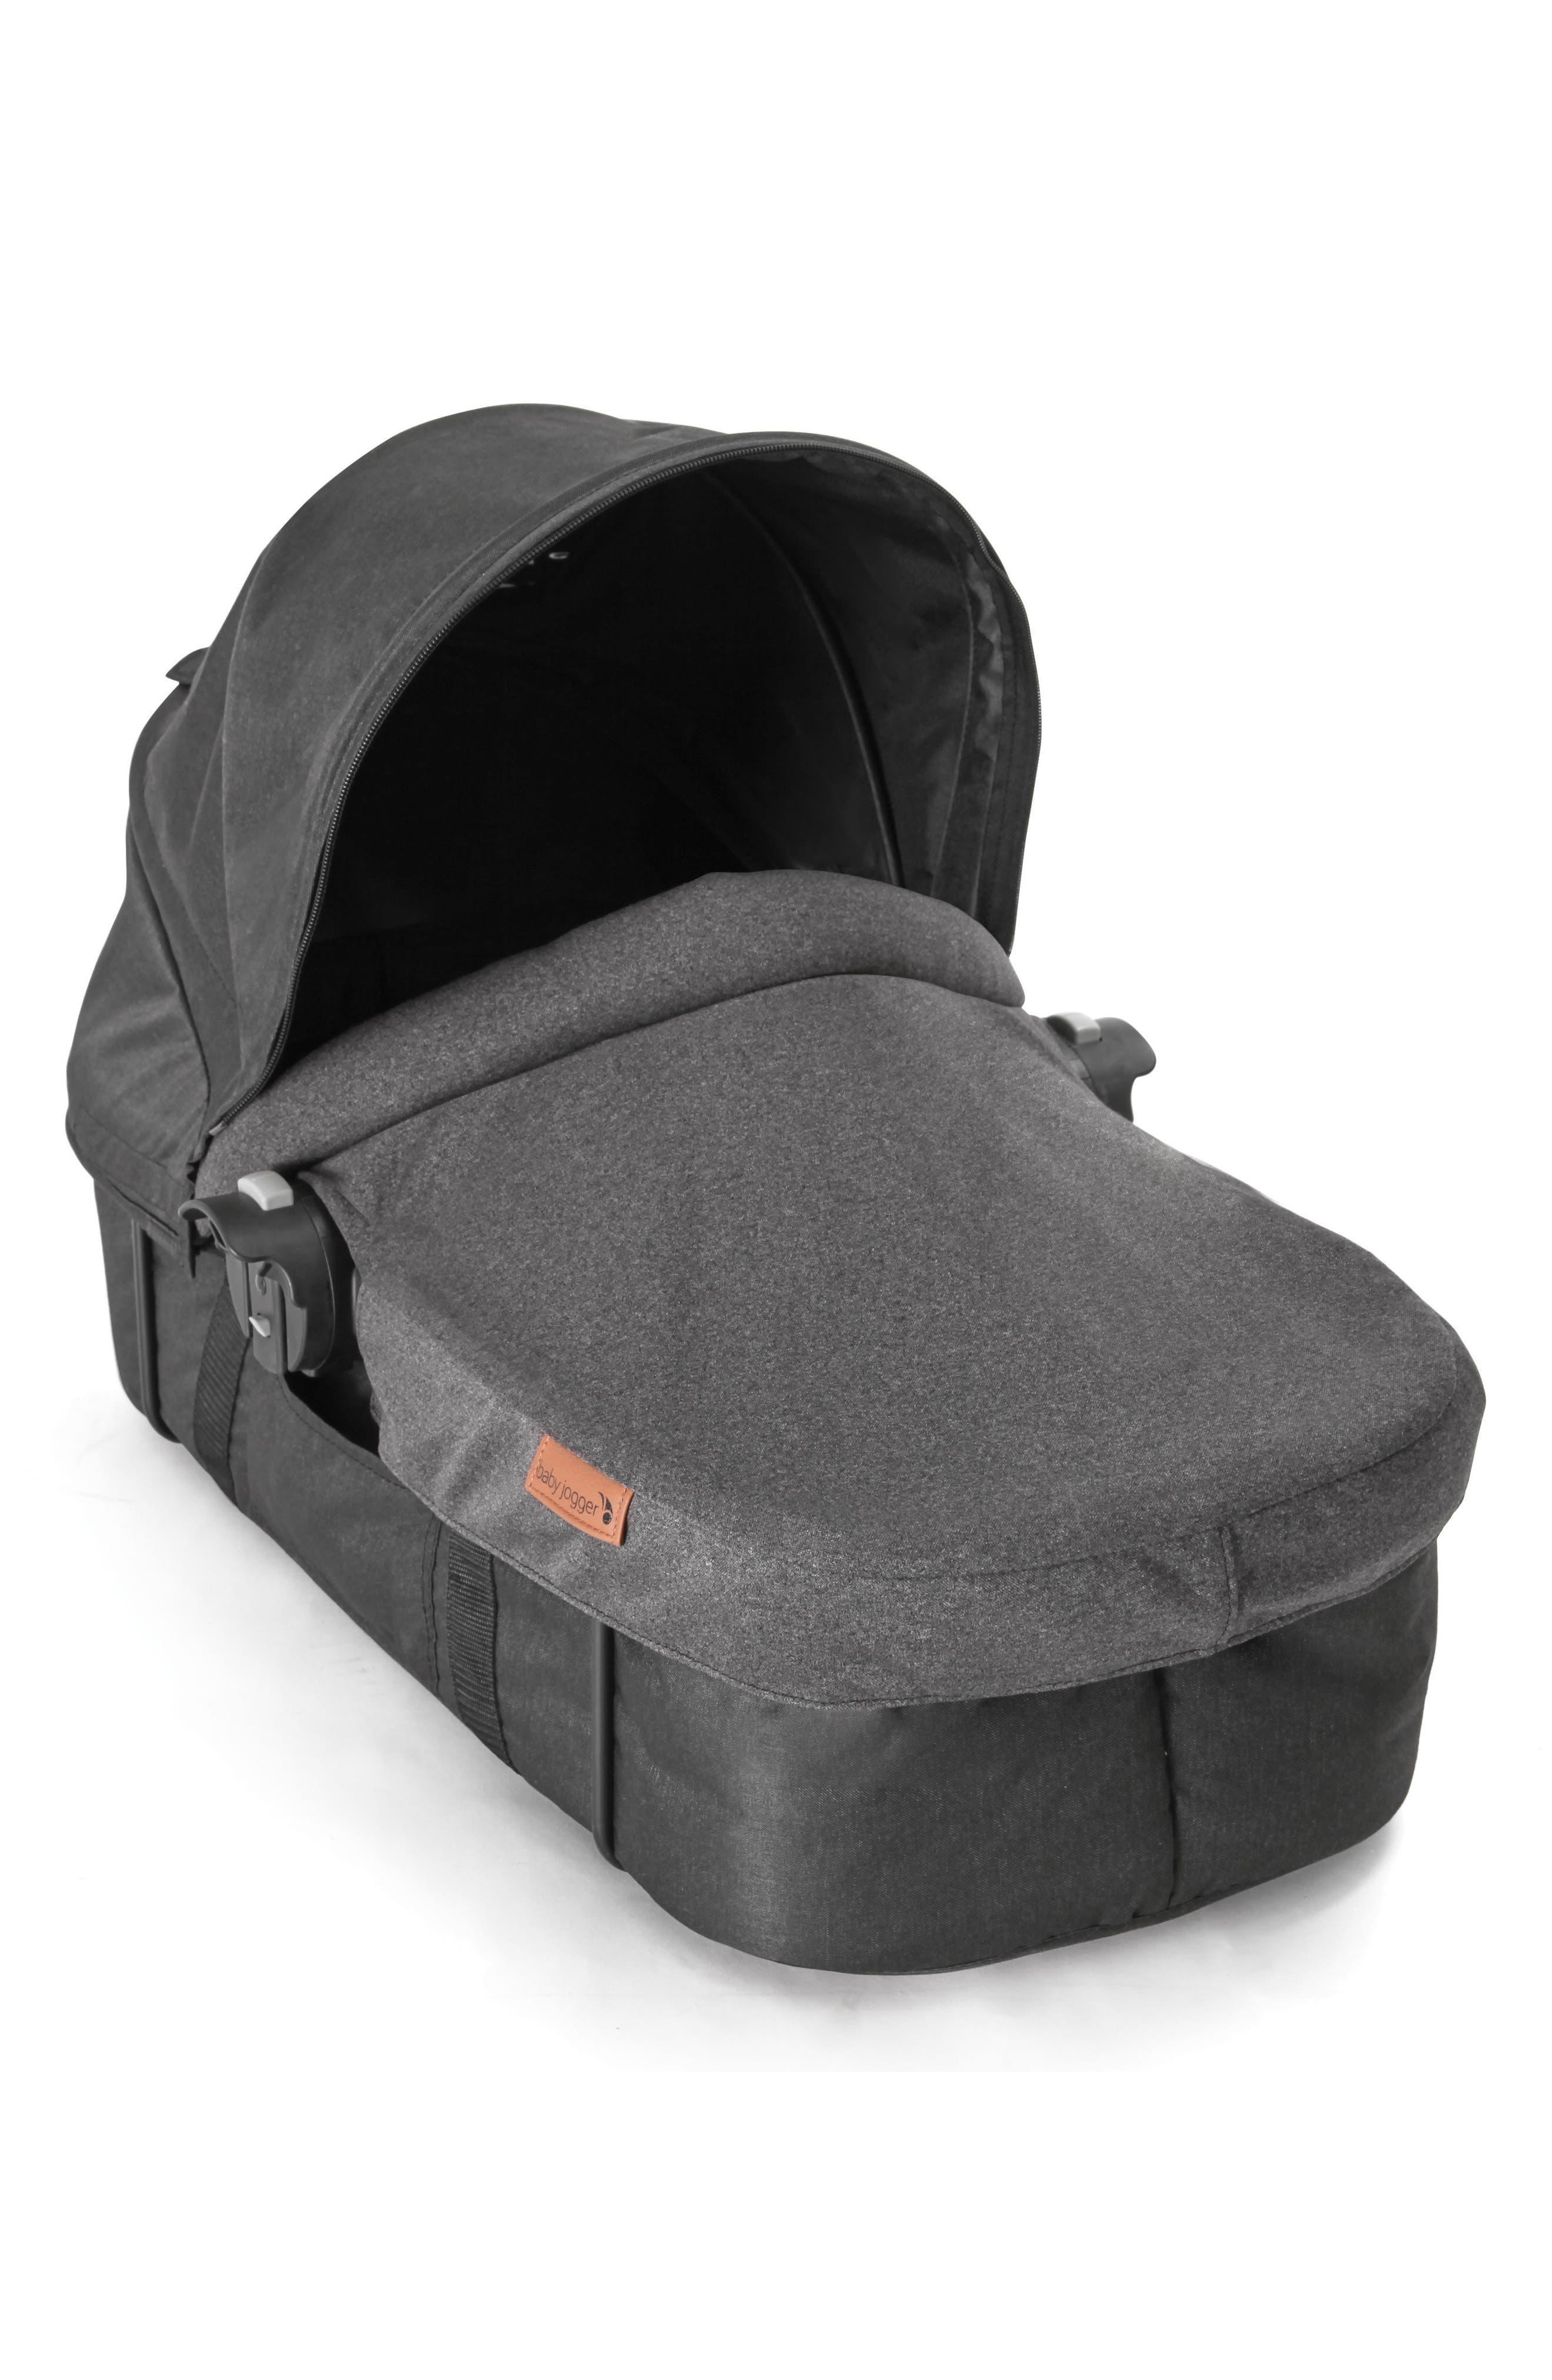 Alternate Image 1 Selected - Baby Jogger Deluxe Pram Converter Kit for City Select® 2018 Stroller